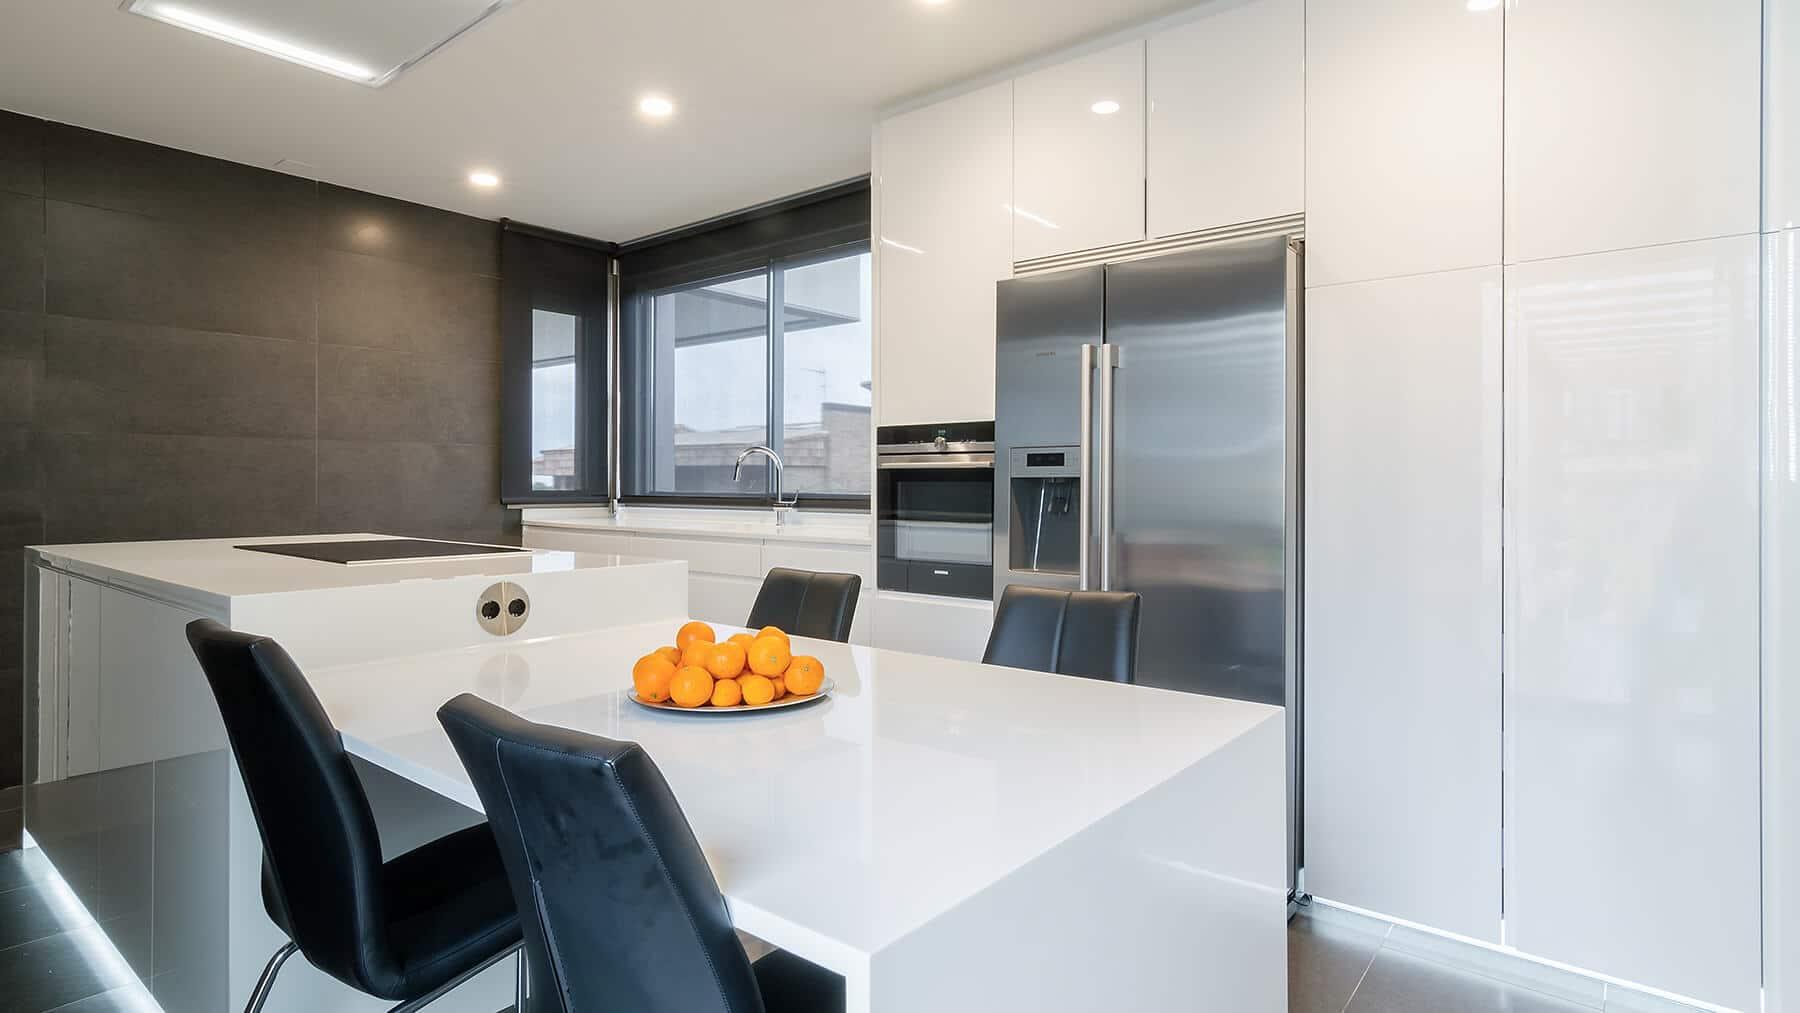 Cocinas con isla con contrastes blancos y negros